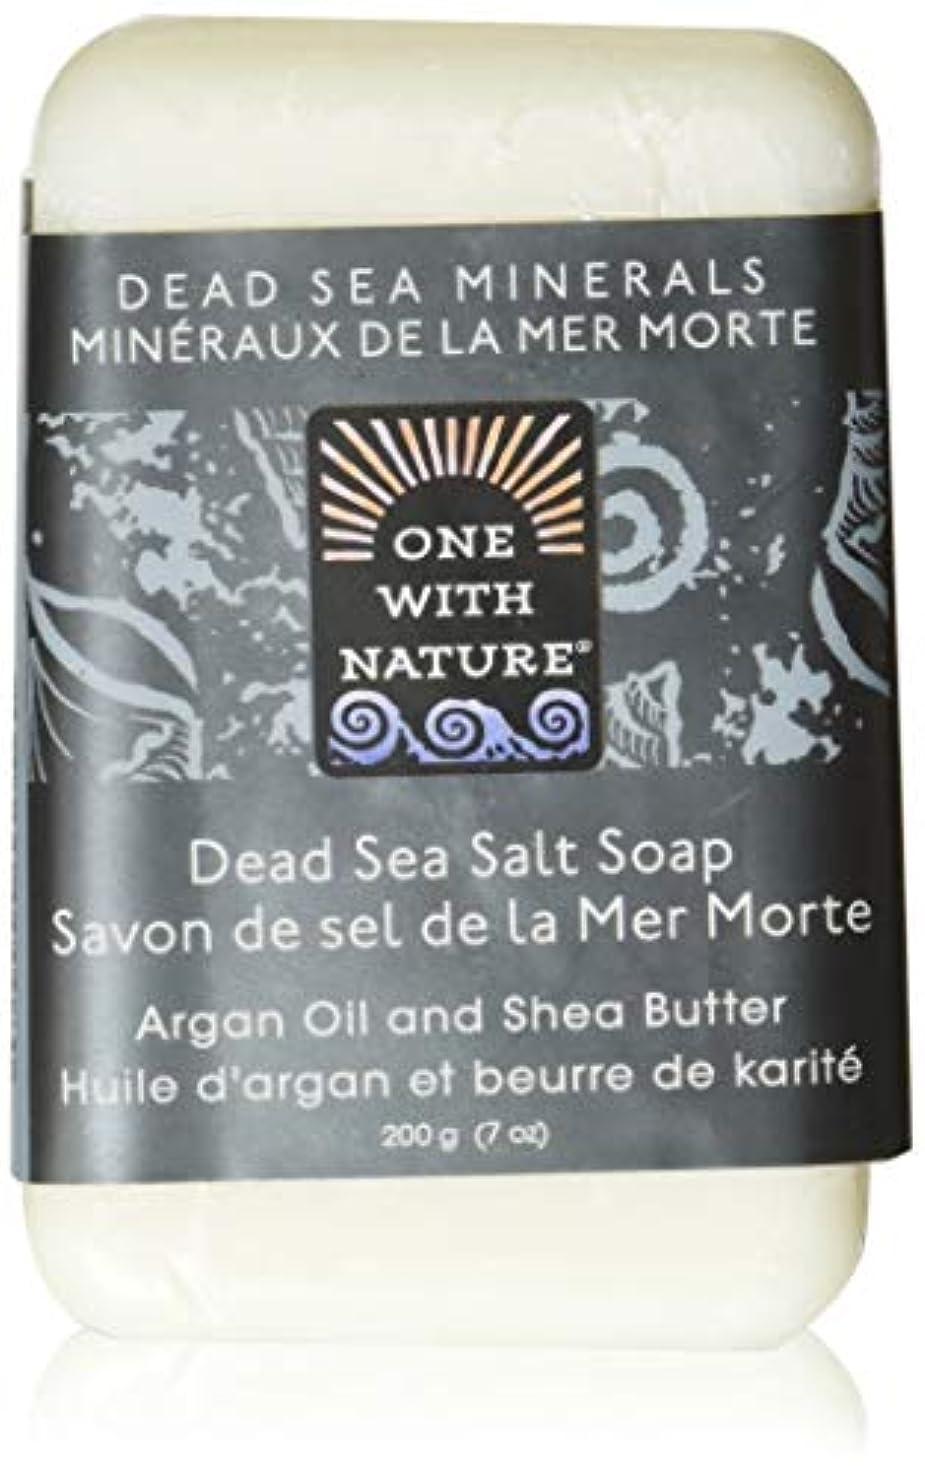 地下室首相ポジションDead Sea Mineral Dead Sea Salt Soap - 7 oz by One With Nature